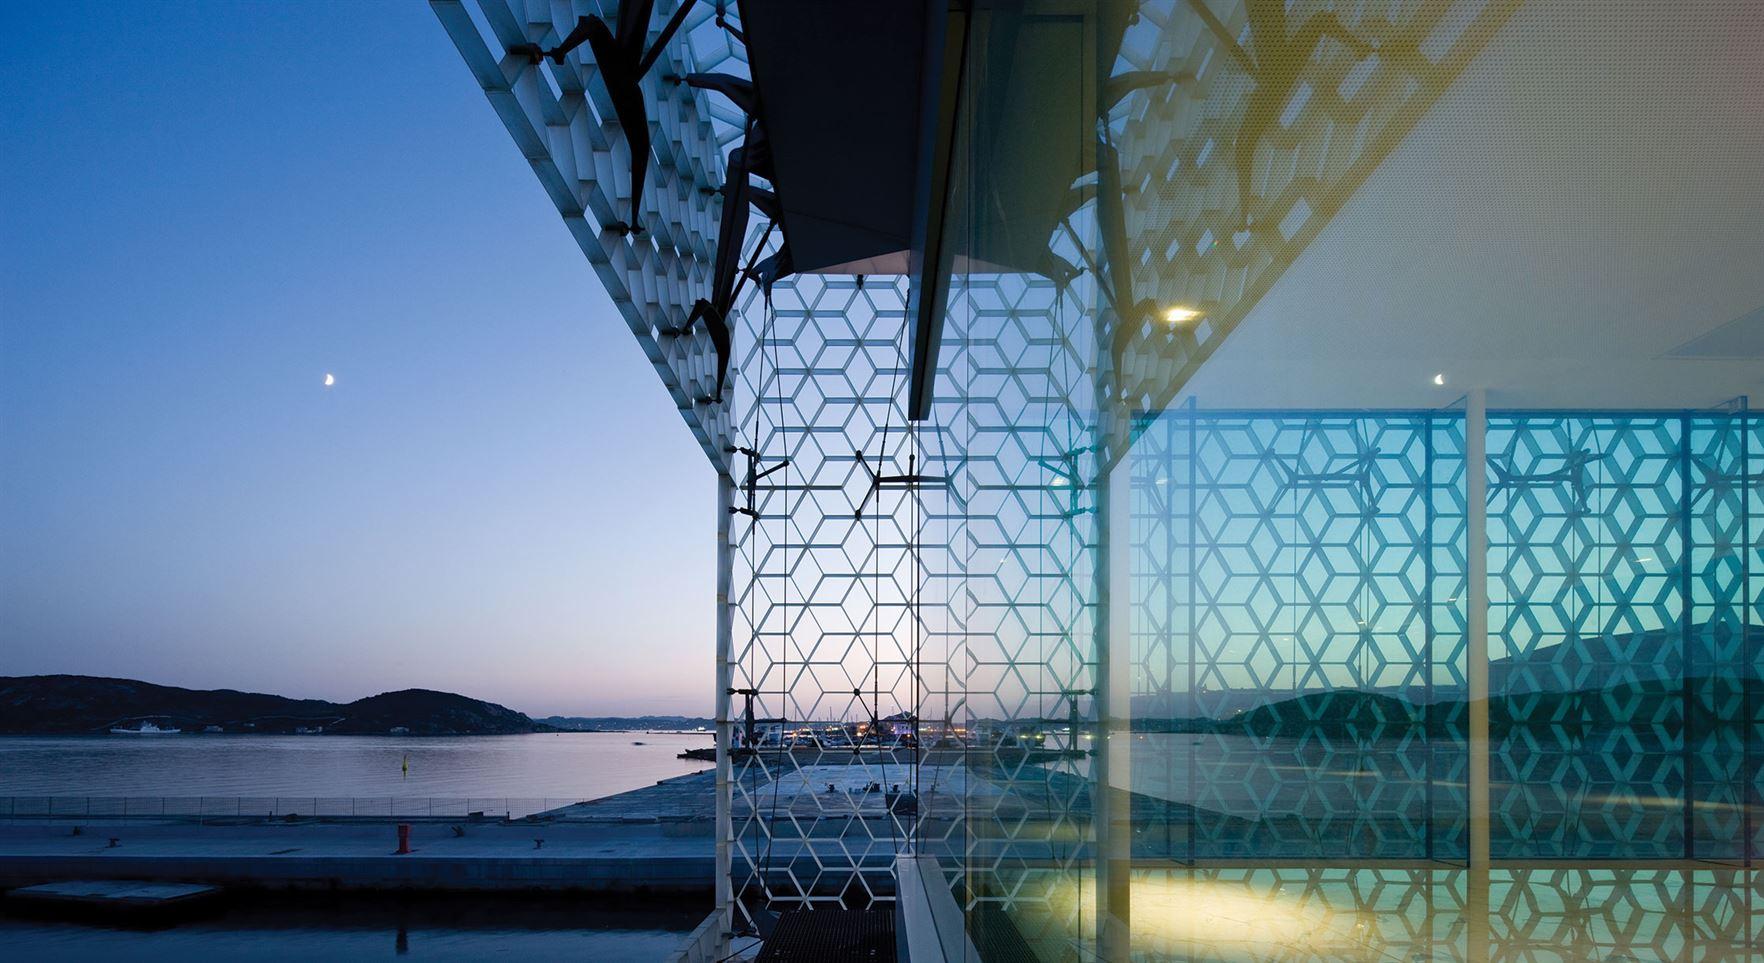 """""""ביתן הים"""", פרט השבכה המכסה את חזיתות הבניין – ציטוט של מסורת המשרבייה המקובלת באדריכלות של דרום הים התיכון."""